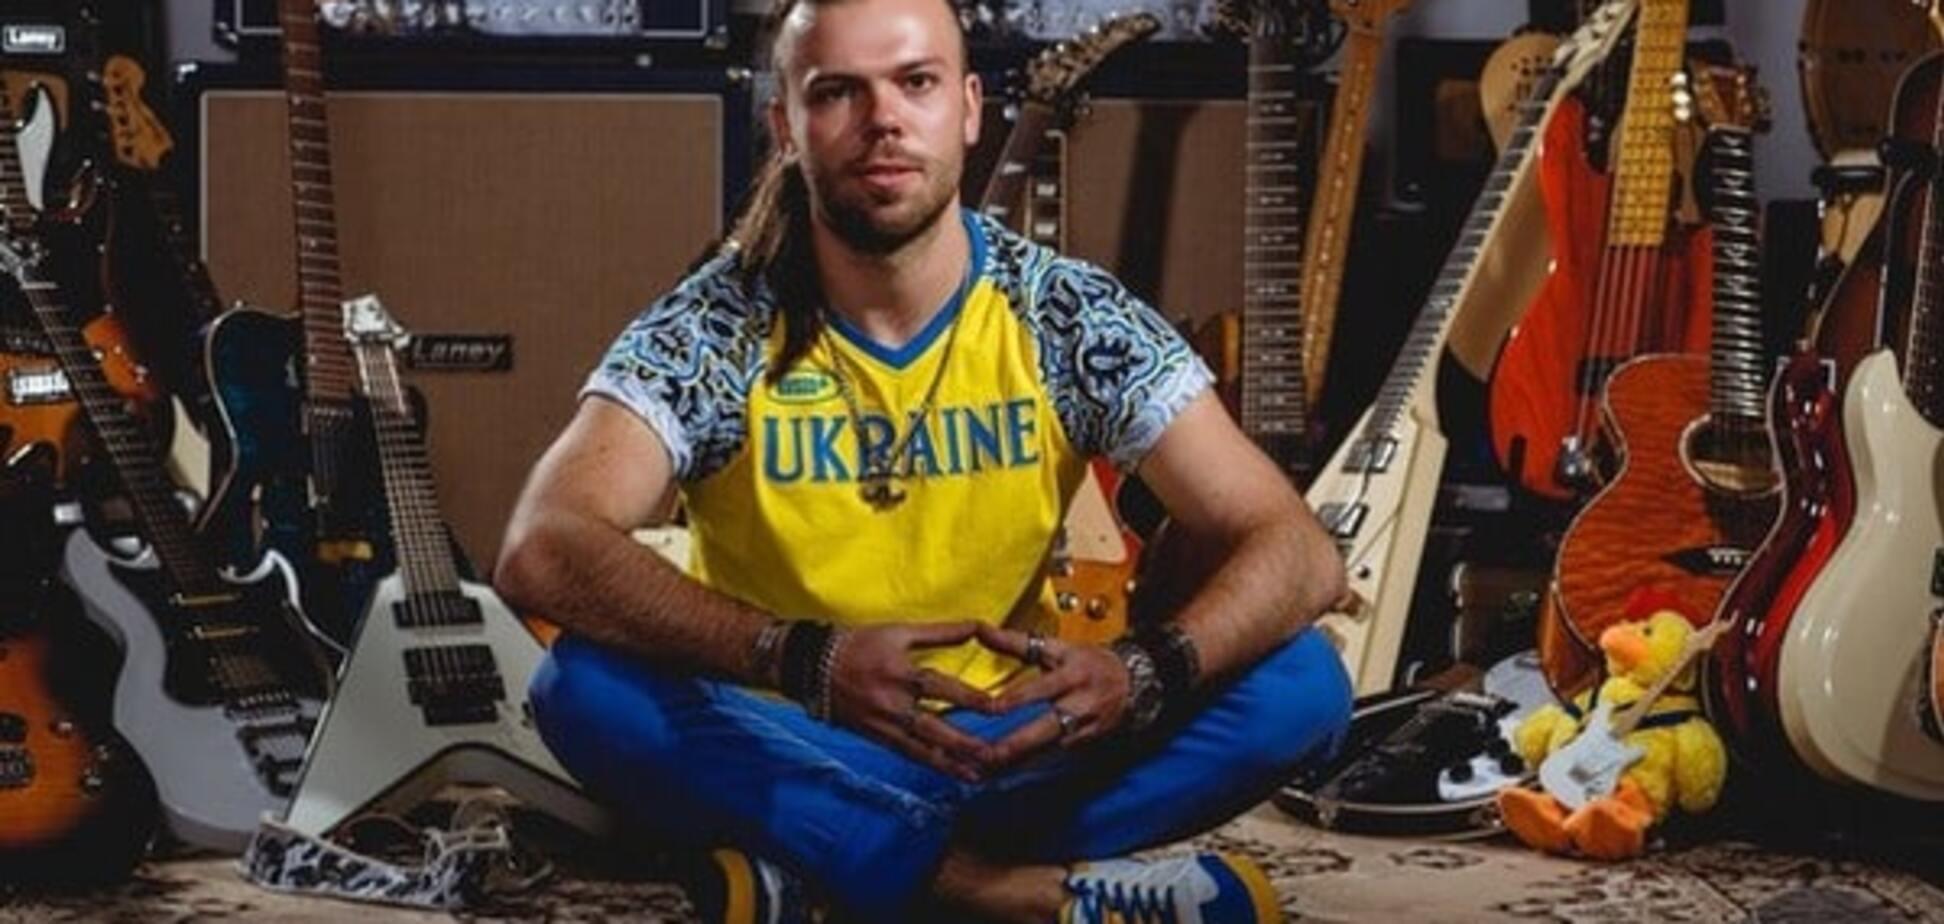 Опросник Пруста: автор рок-версии гимна Украины откровенно рассказал о себе